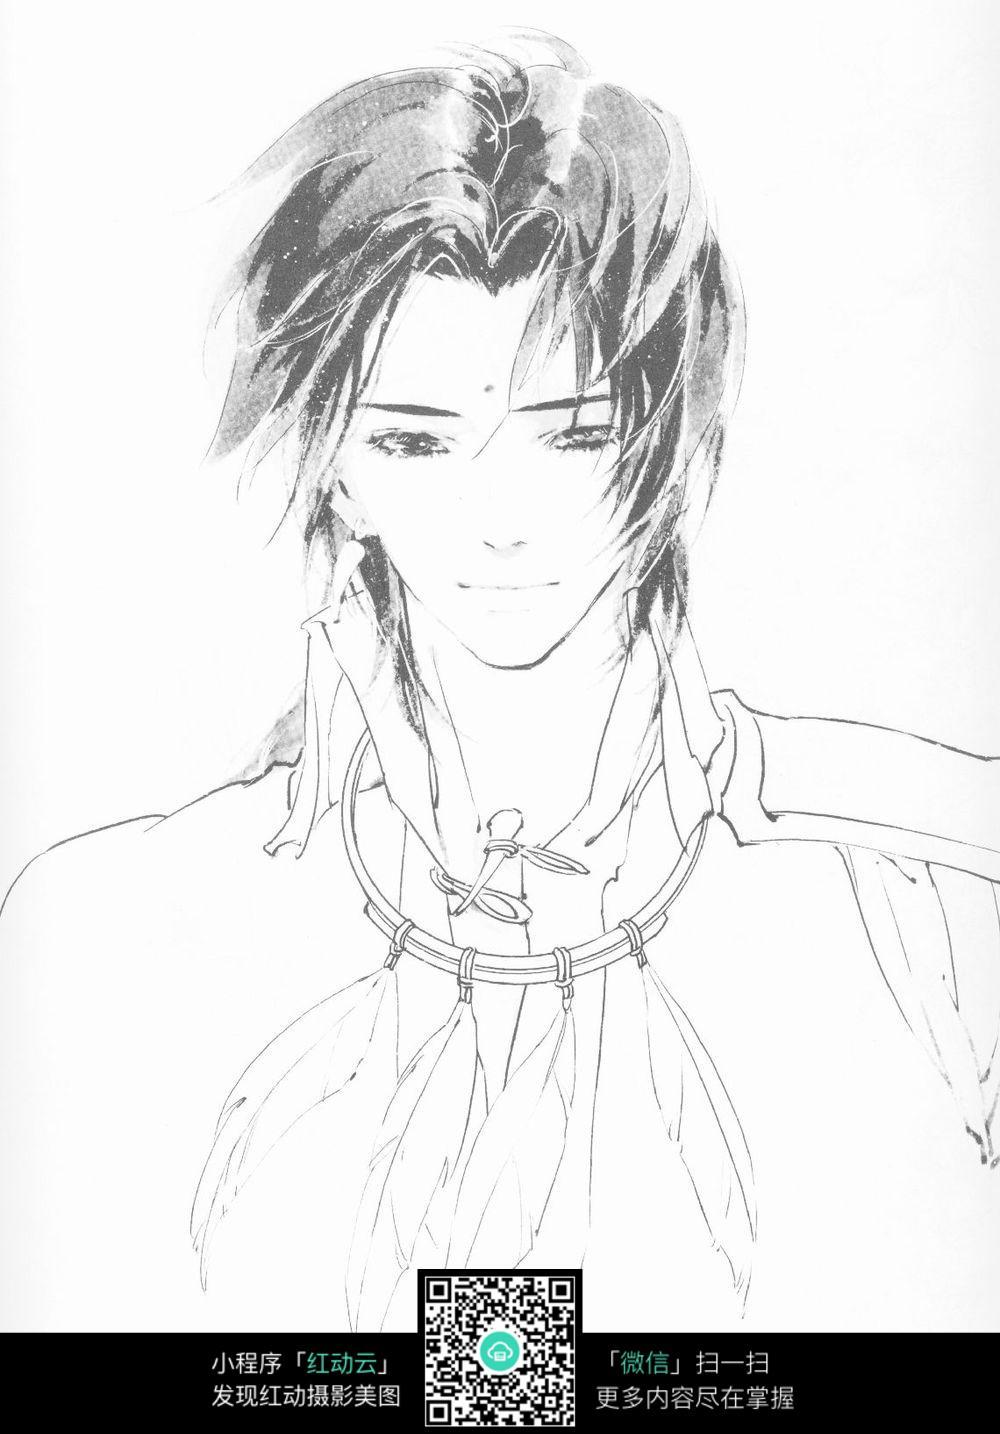 黑白手绘男生图片